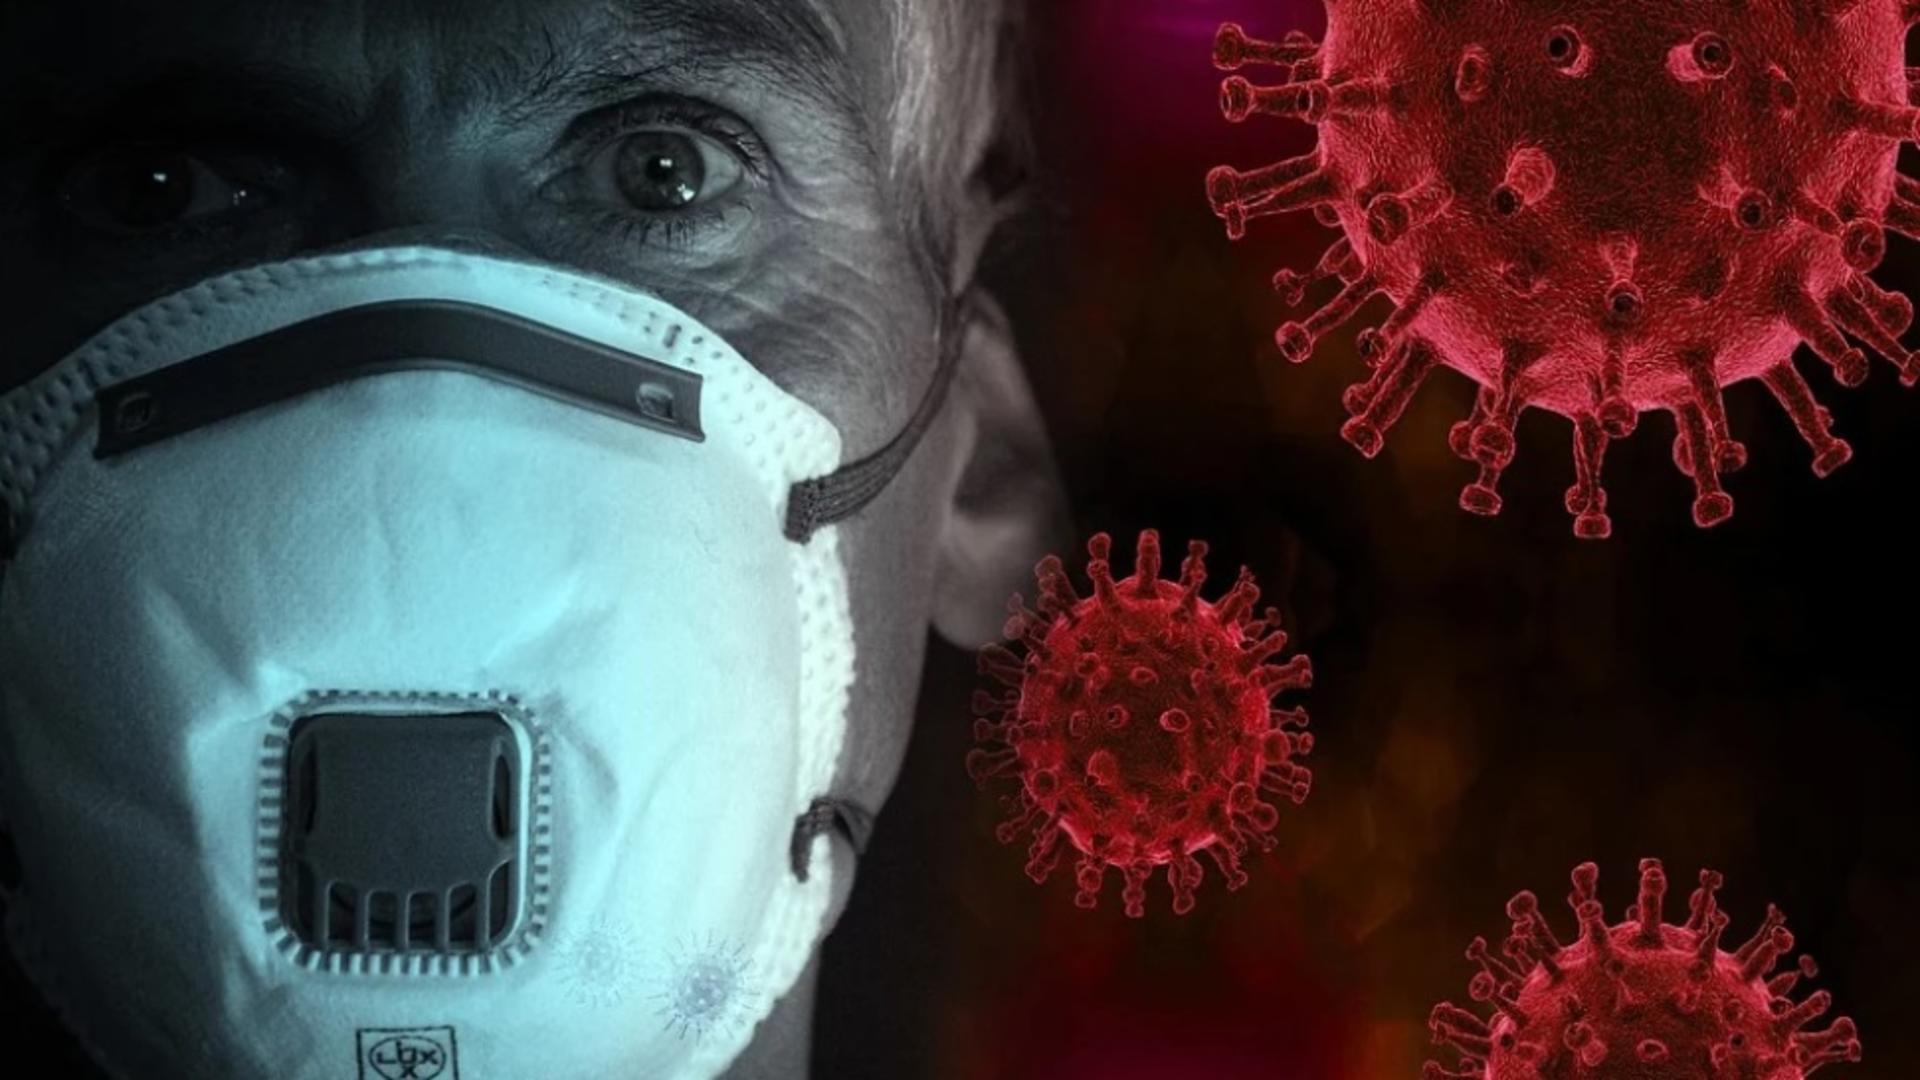 Simptomele Covidului de lungă durată pot apărea cu mult după infectare